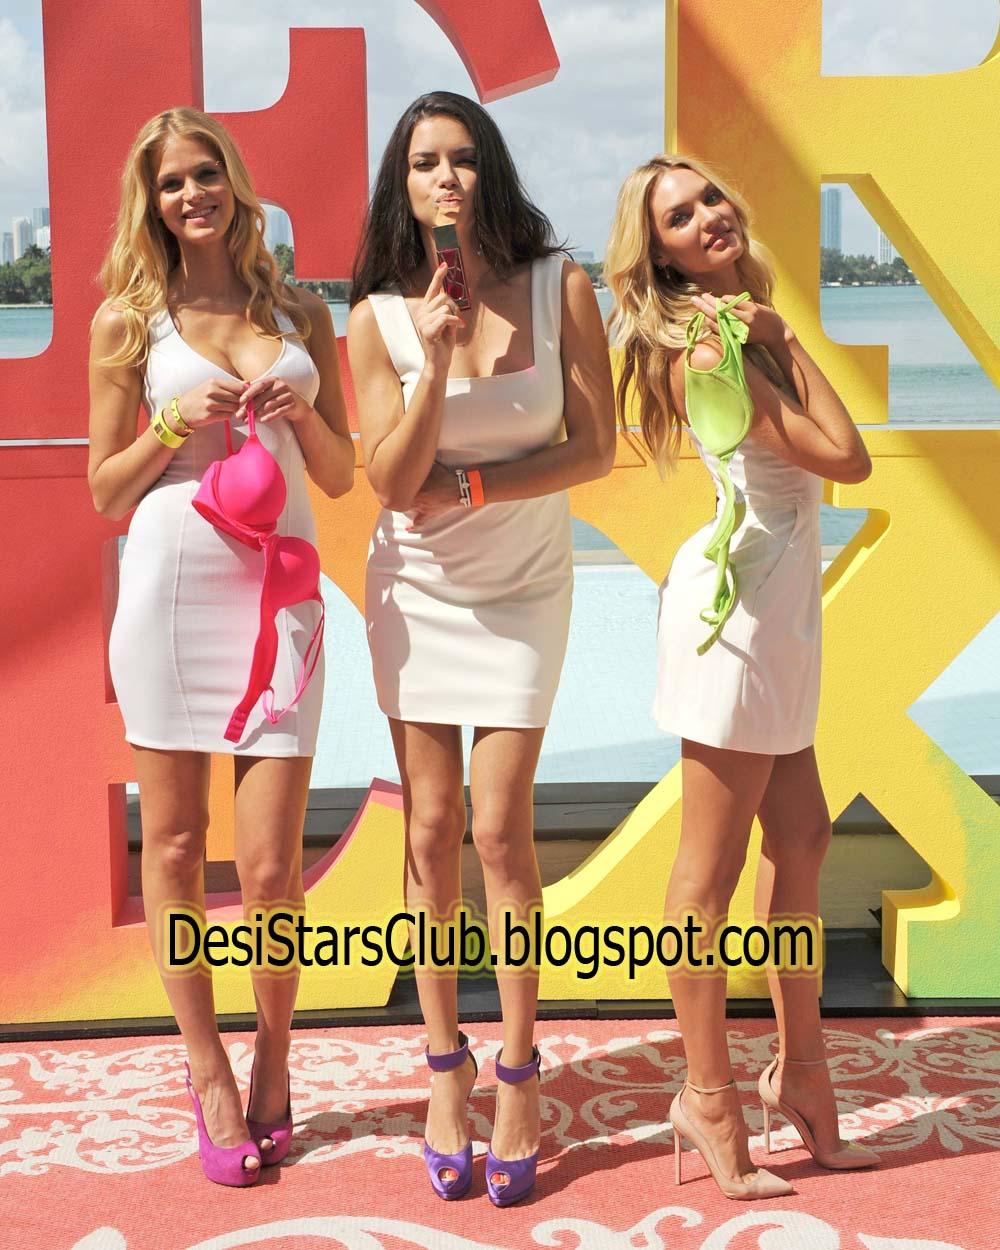 Victoria's Secret Jet Tour Photos